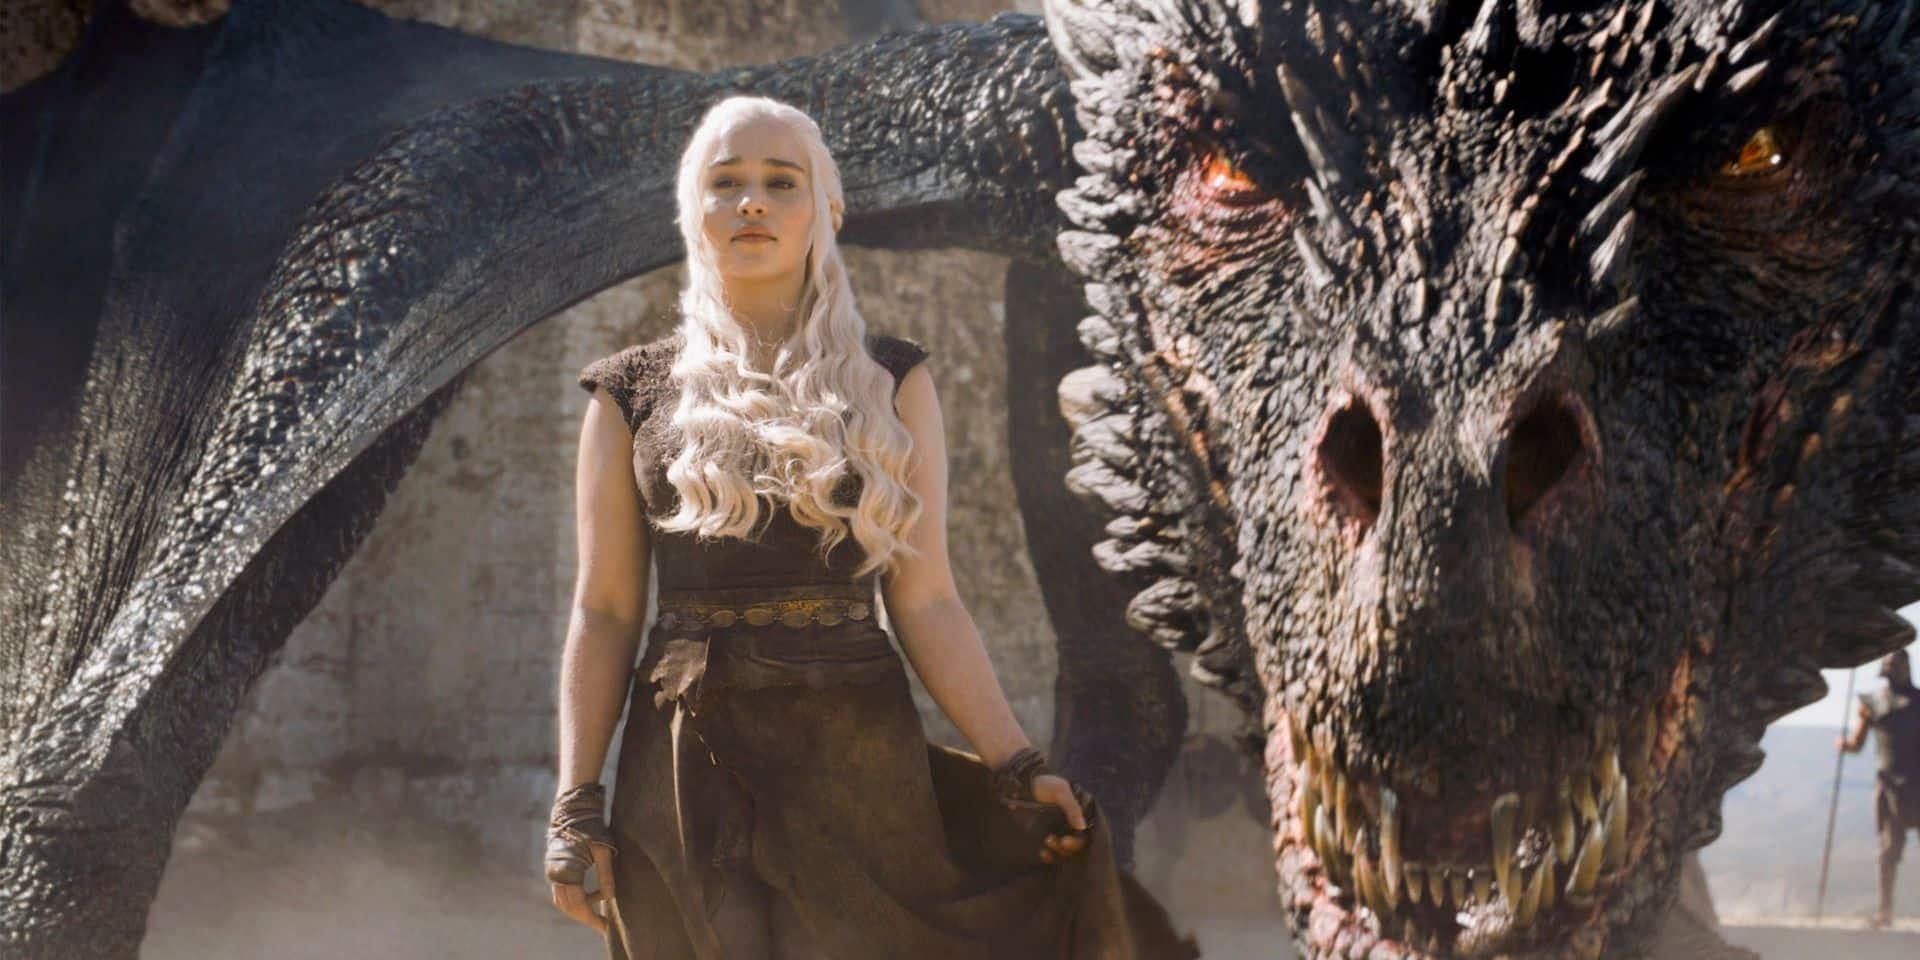 Quels personnages de Game of Thrones vont mourir dans la dernière saison? Voici la réponse de la science